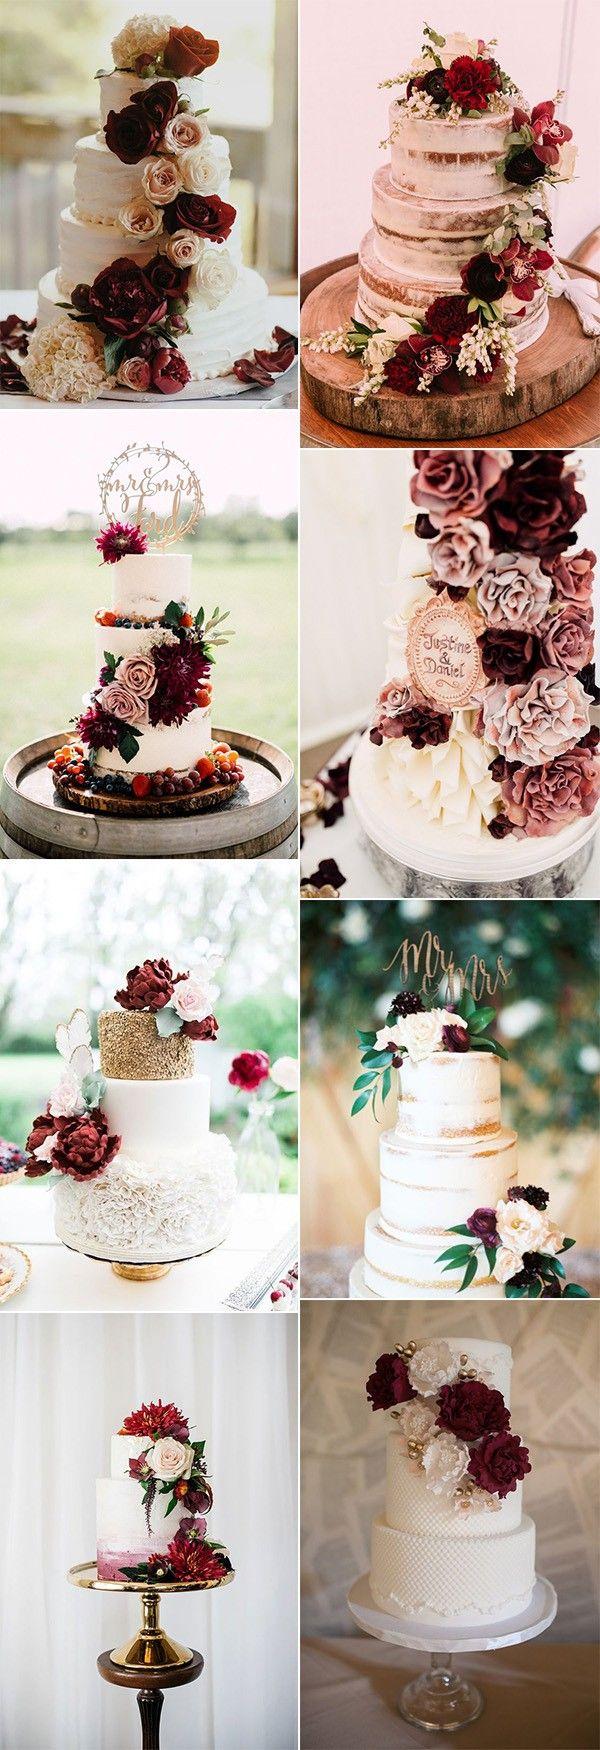 tolle burgunder hochzeitstorten mit floralen #hochzeitsfarben #hochzeitsthemen #fallwe …   – | WEDDING BLUMEN |